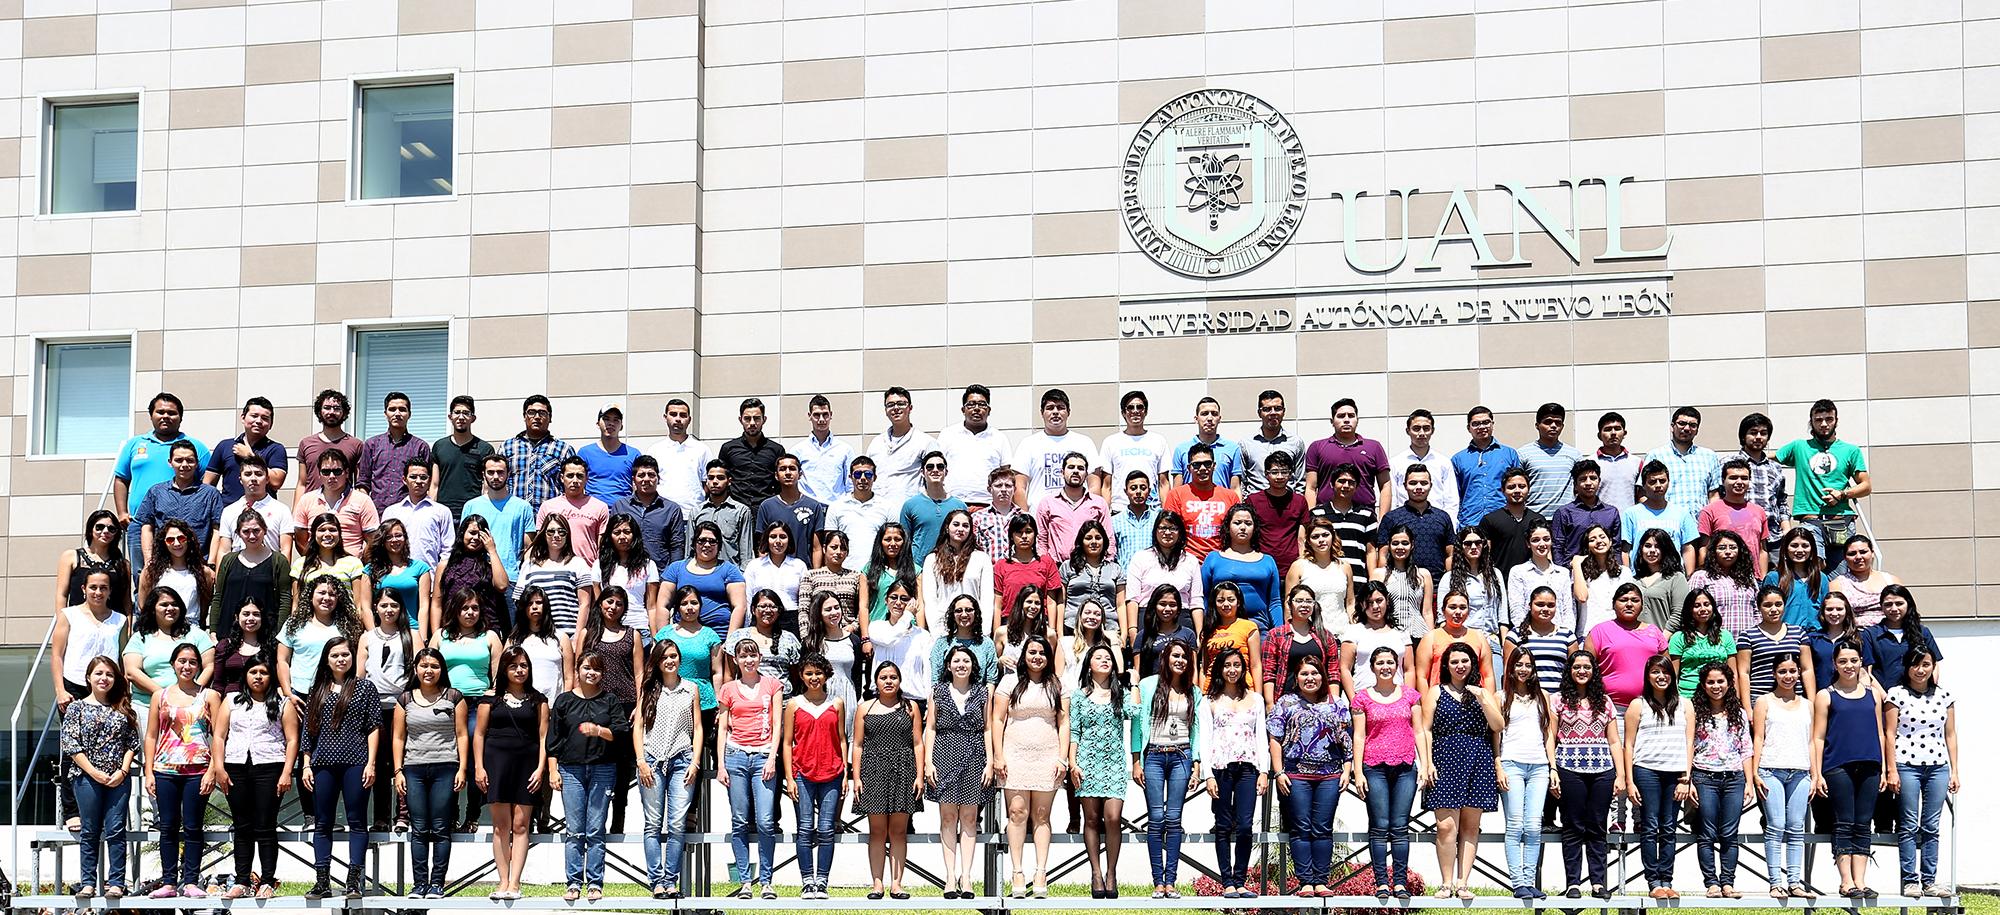 Extra Estudiantes de intercambio nacionales y extranjeros en la UANL